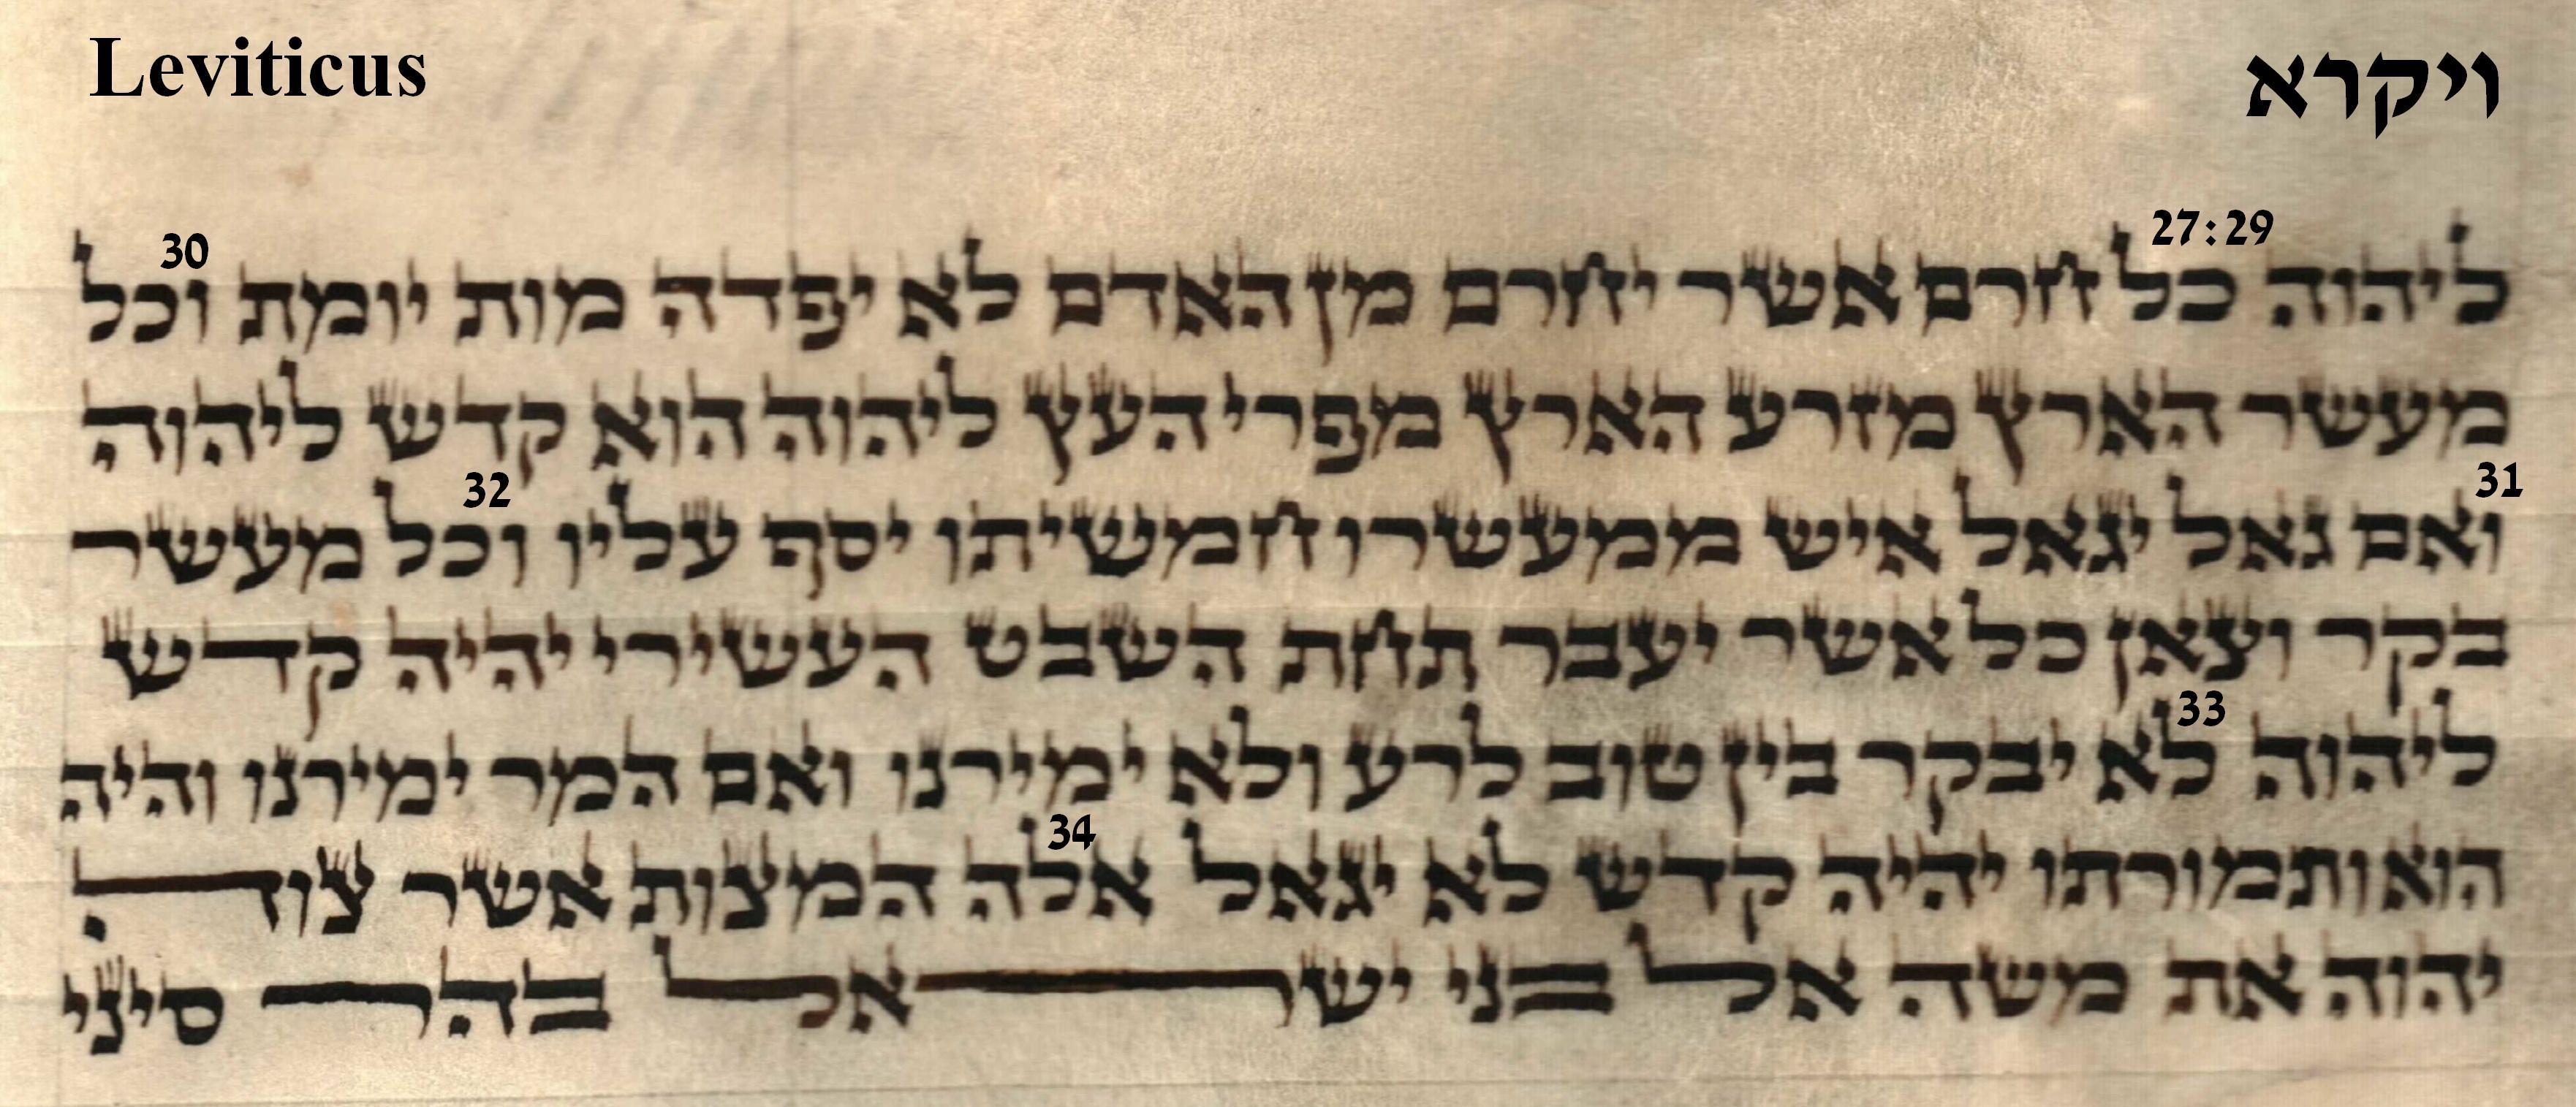 Leviticus 27.29 - 27.34